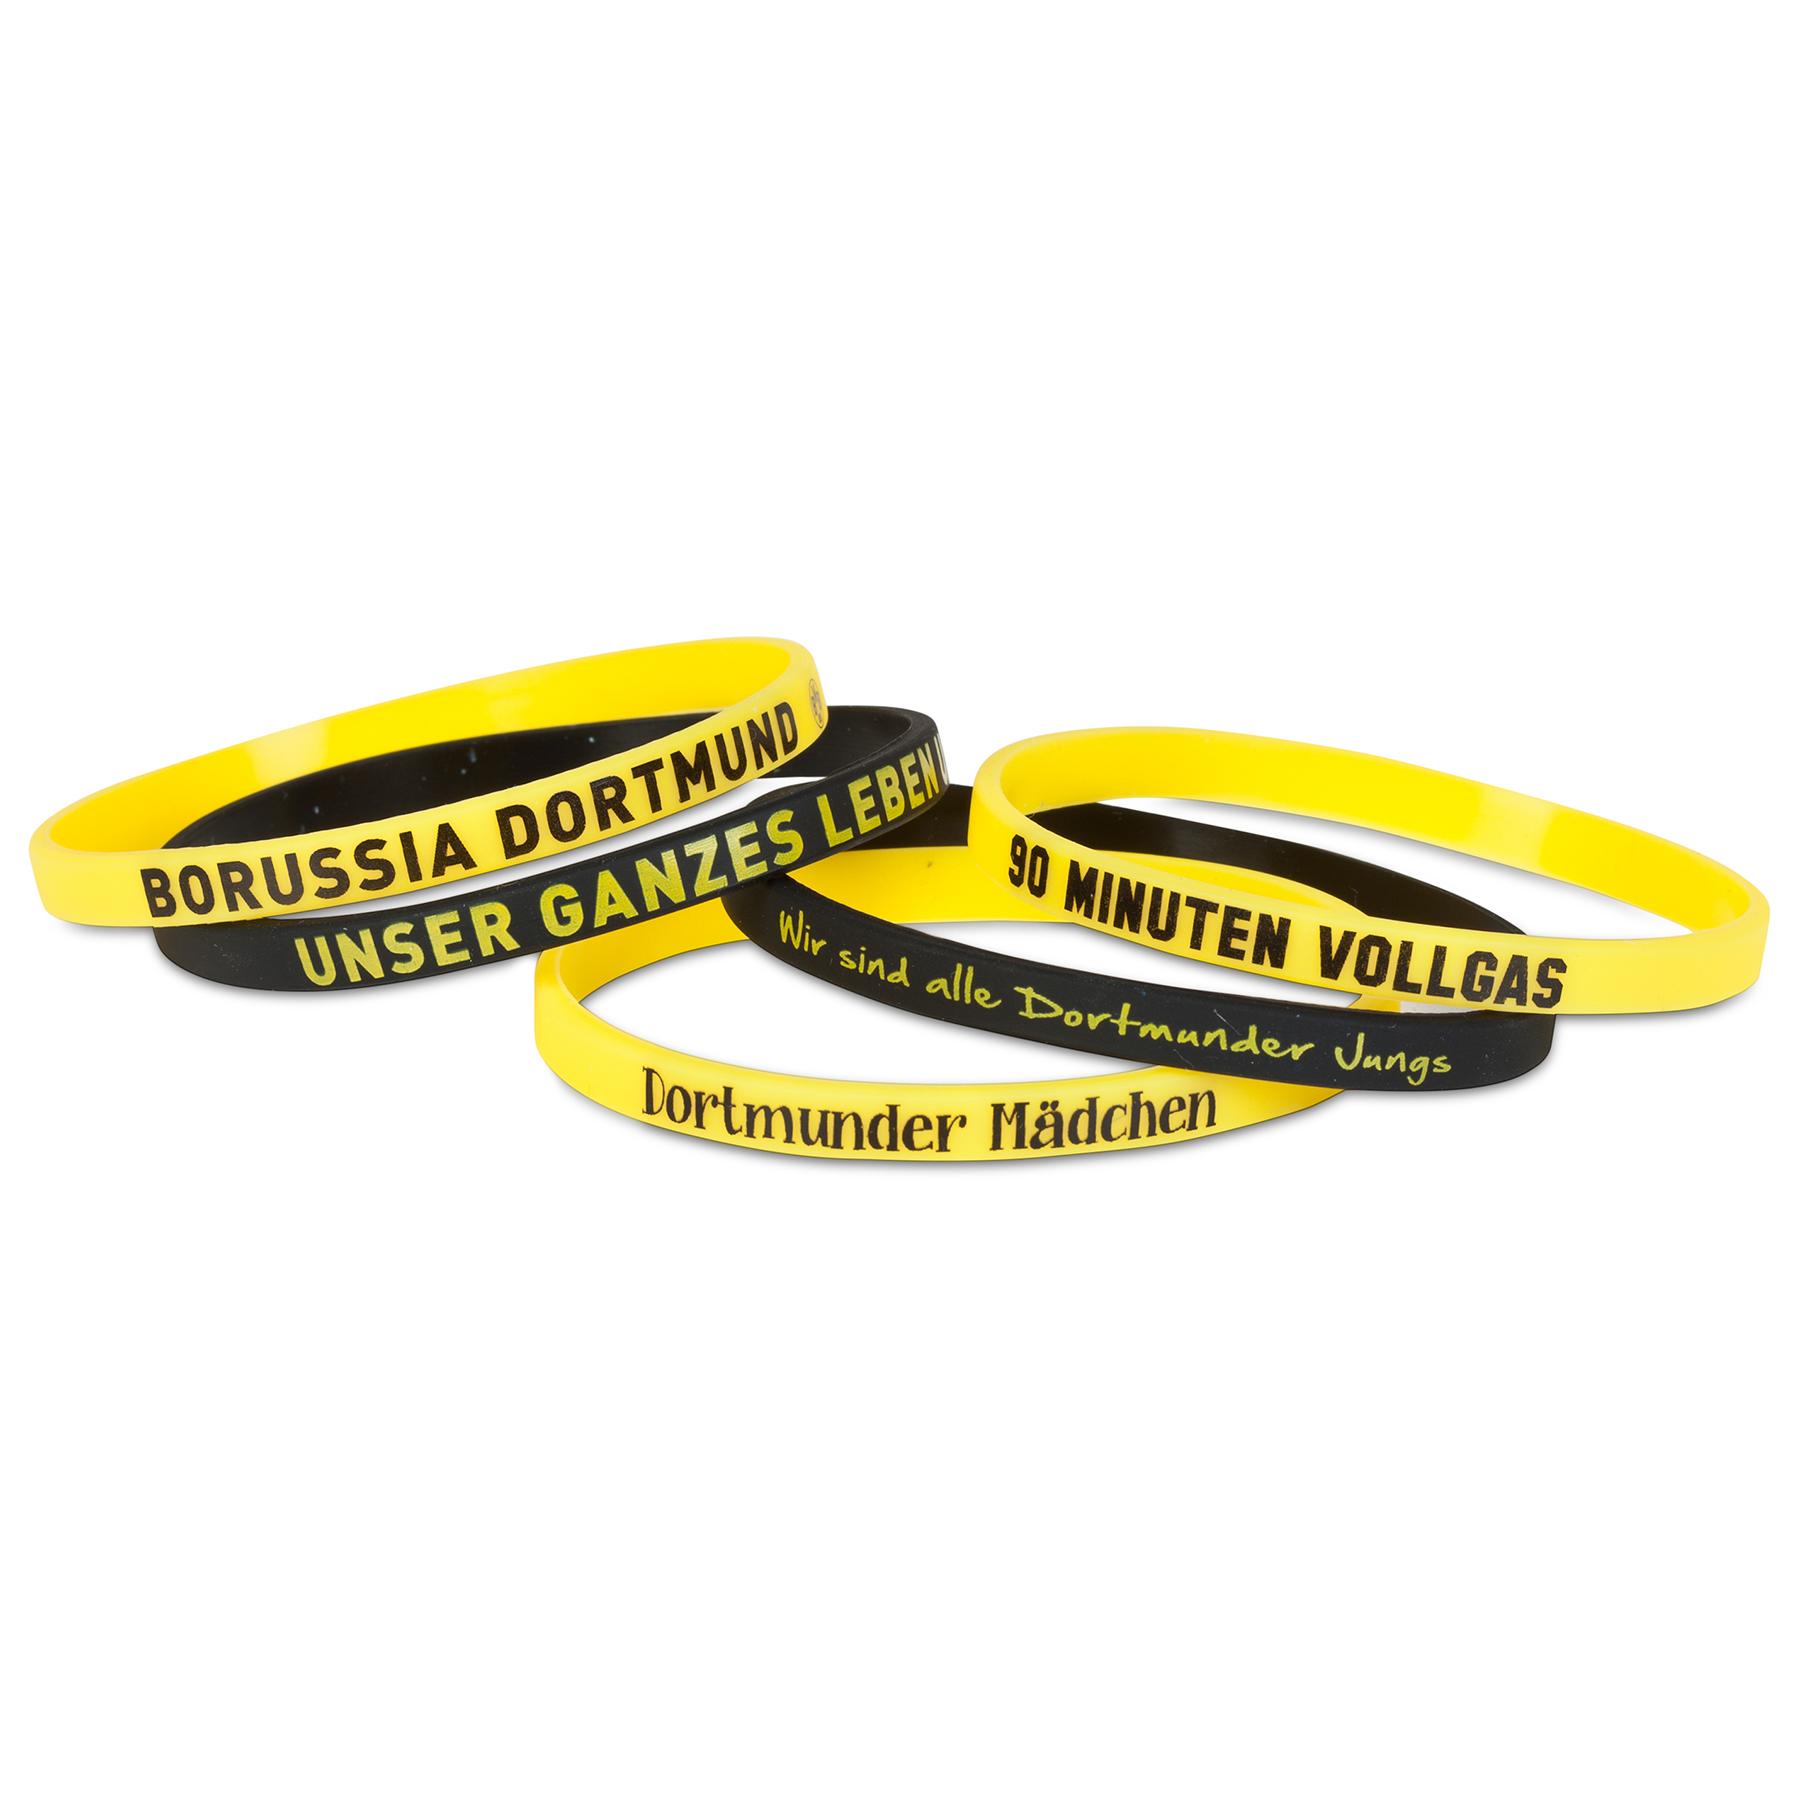 Image of BVB Bracelets, N/A